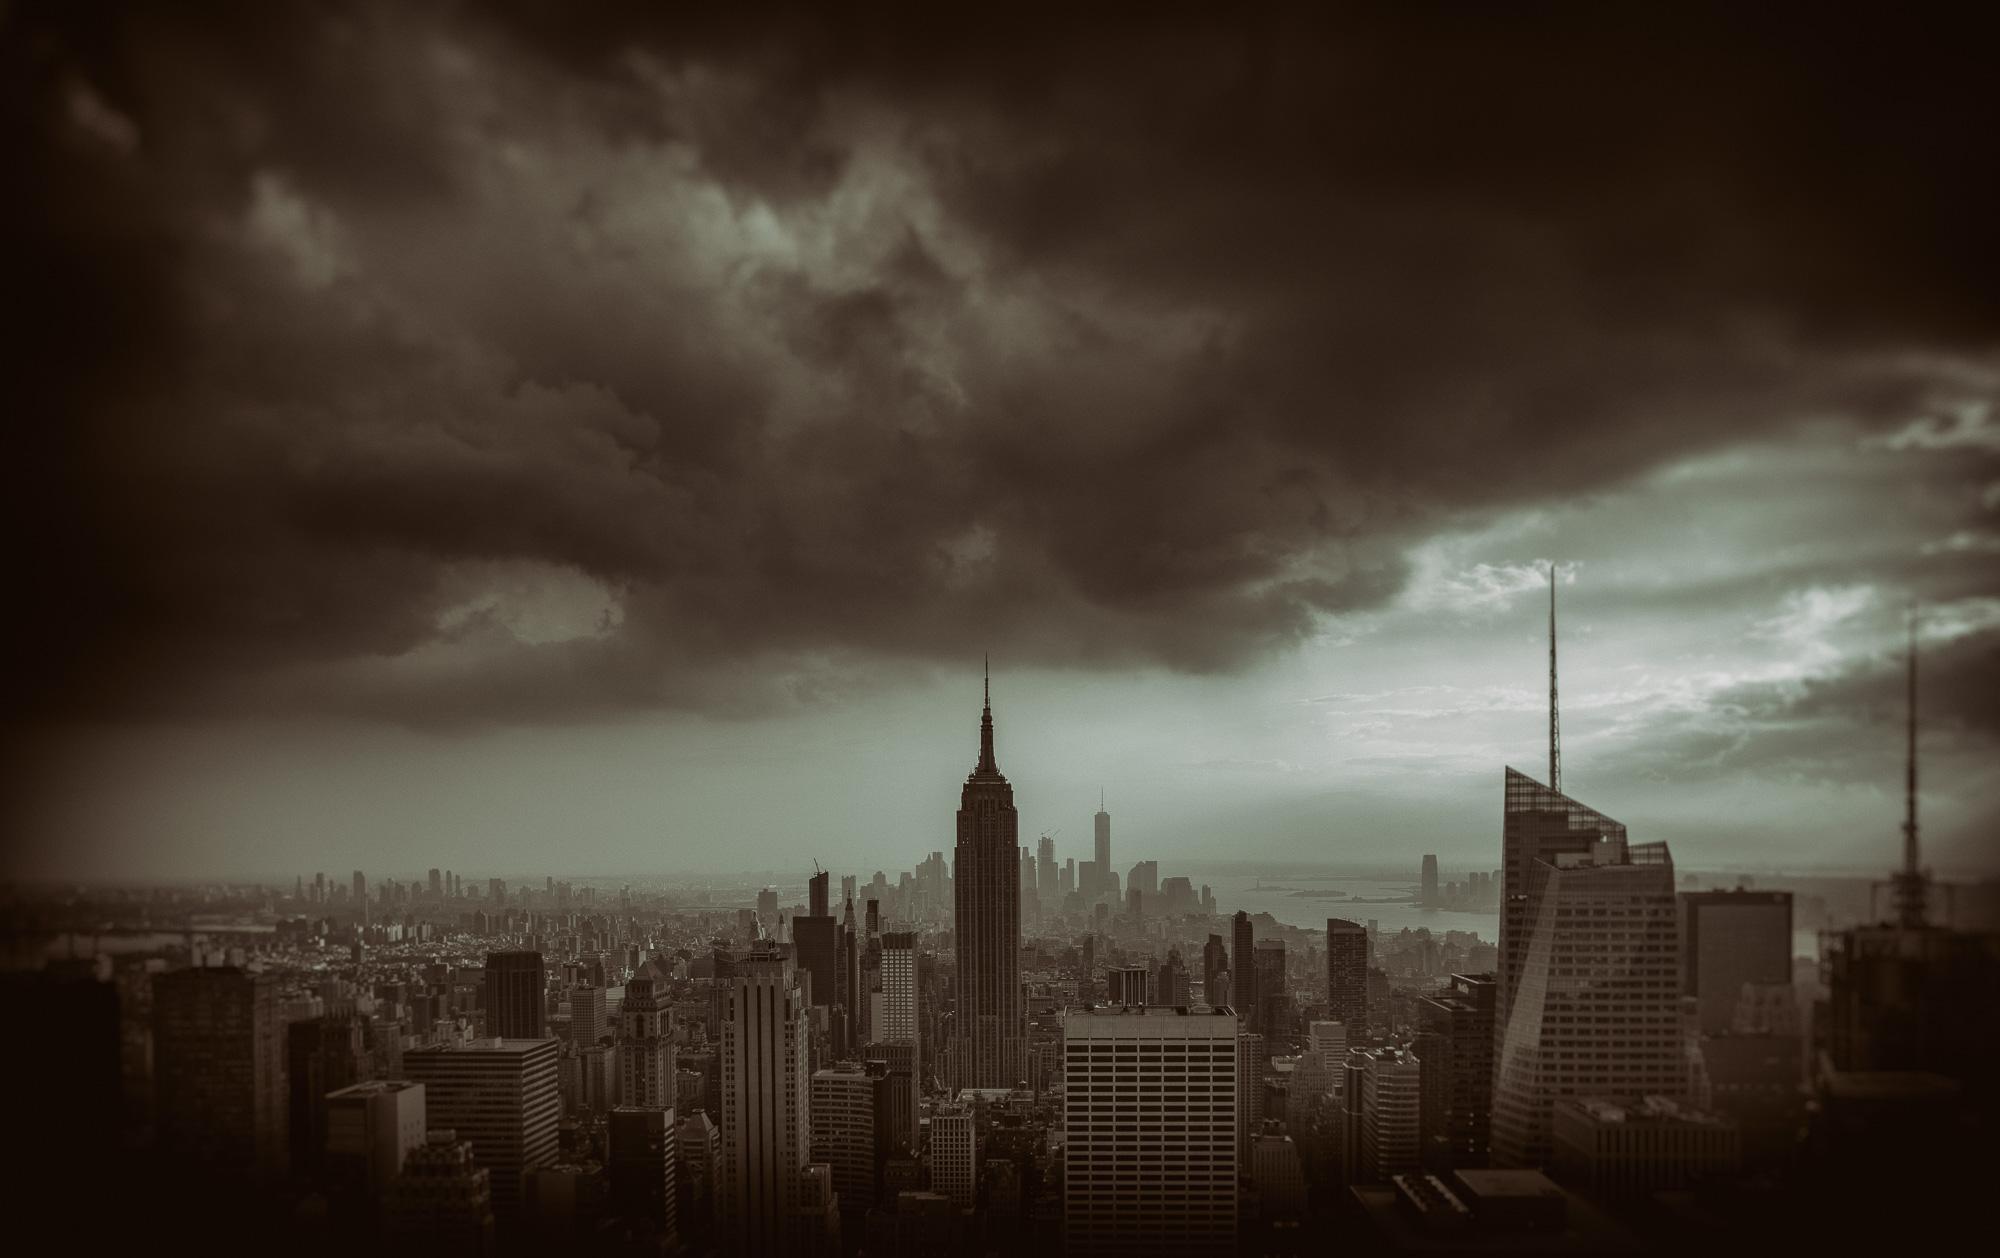 Dusk over Manhattan skyline with dramatic cloud